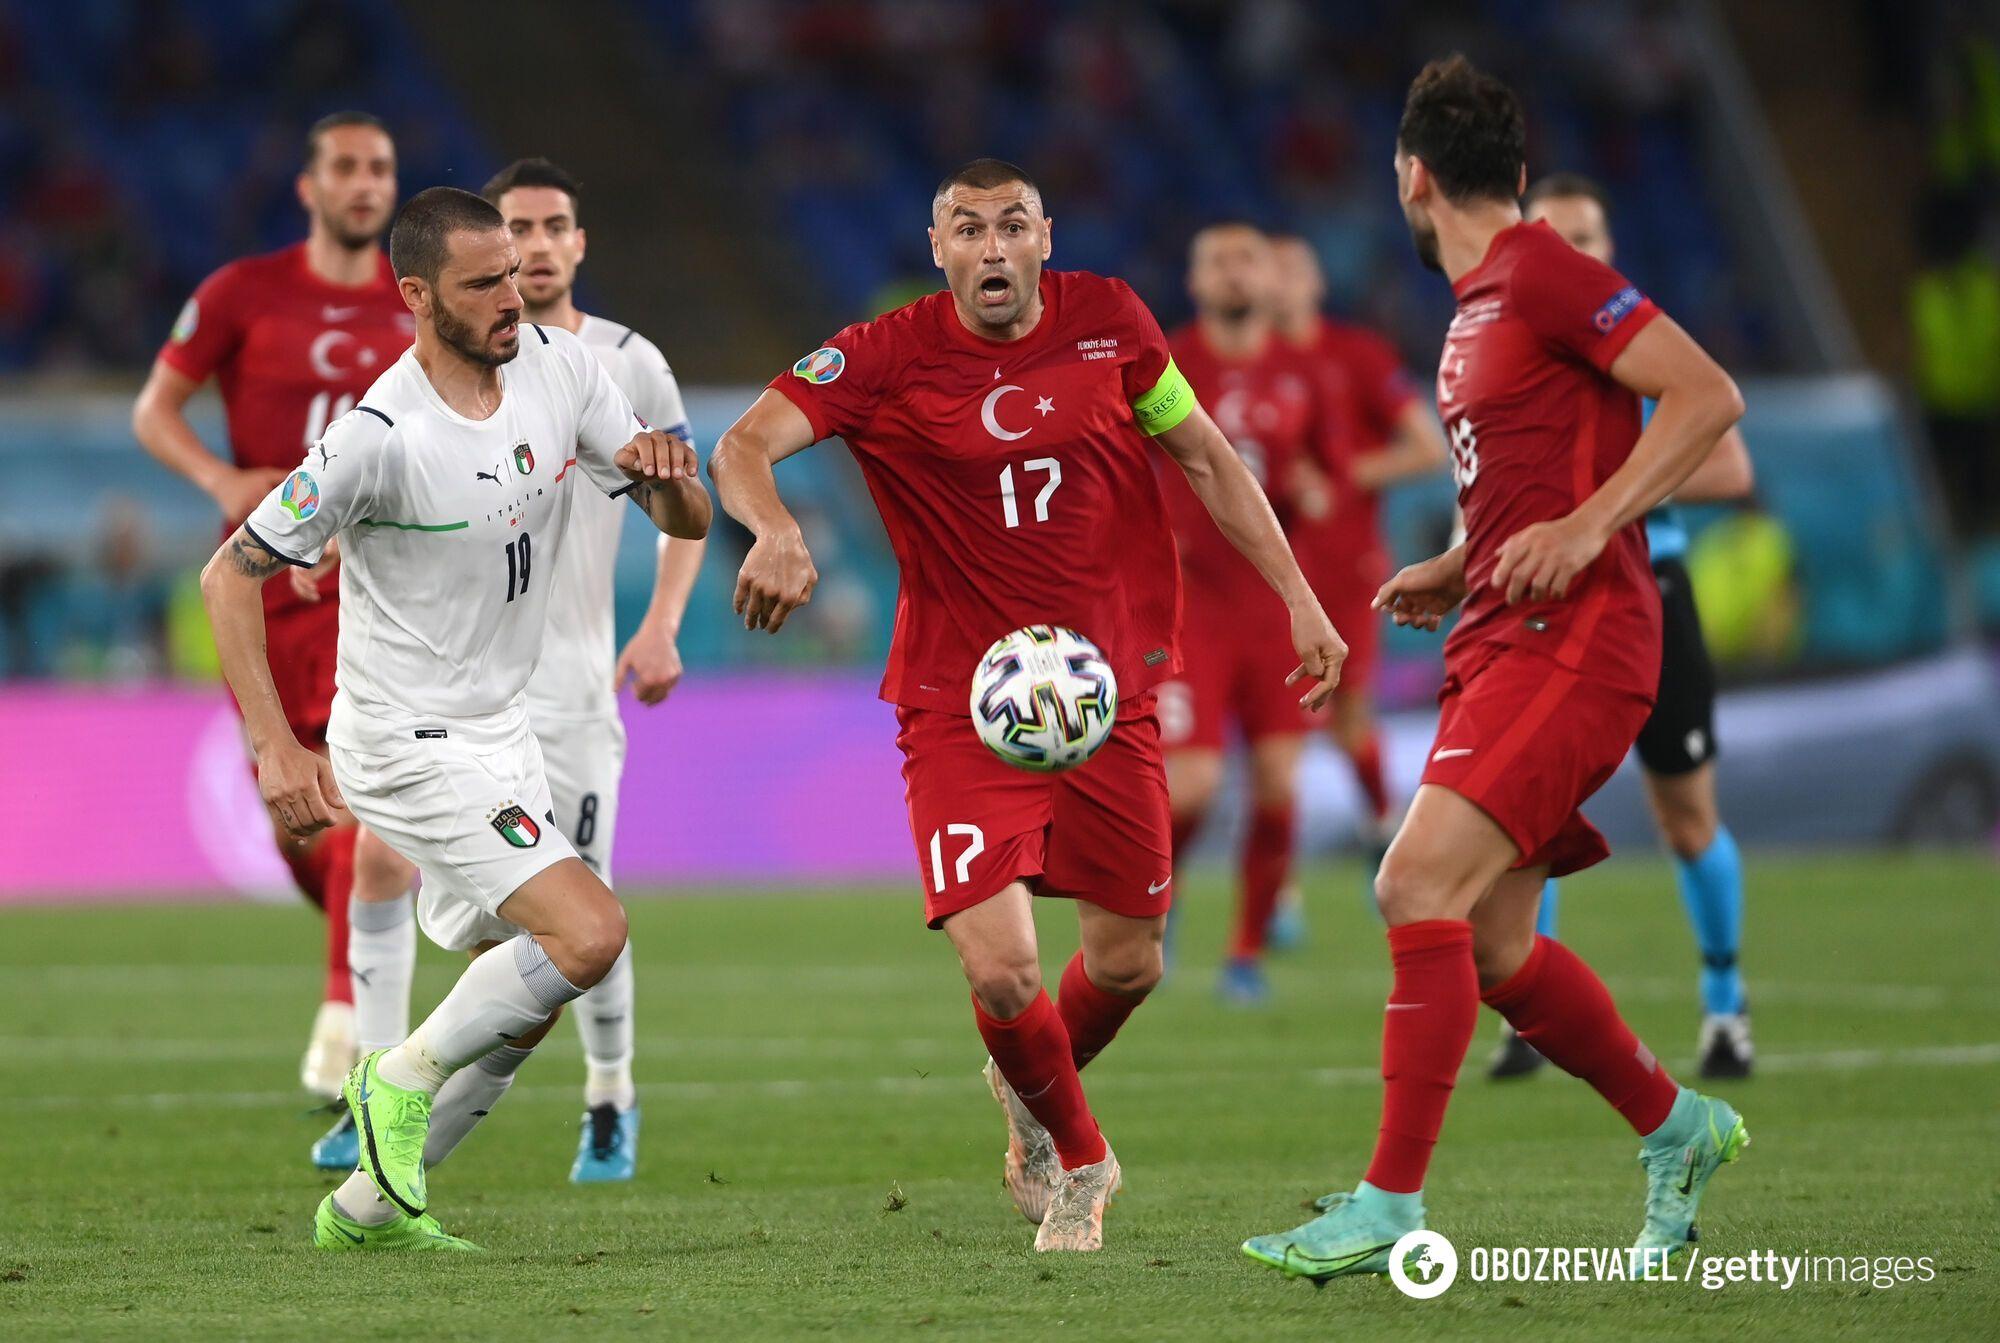 Турецкие футболисты всем составом защищались